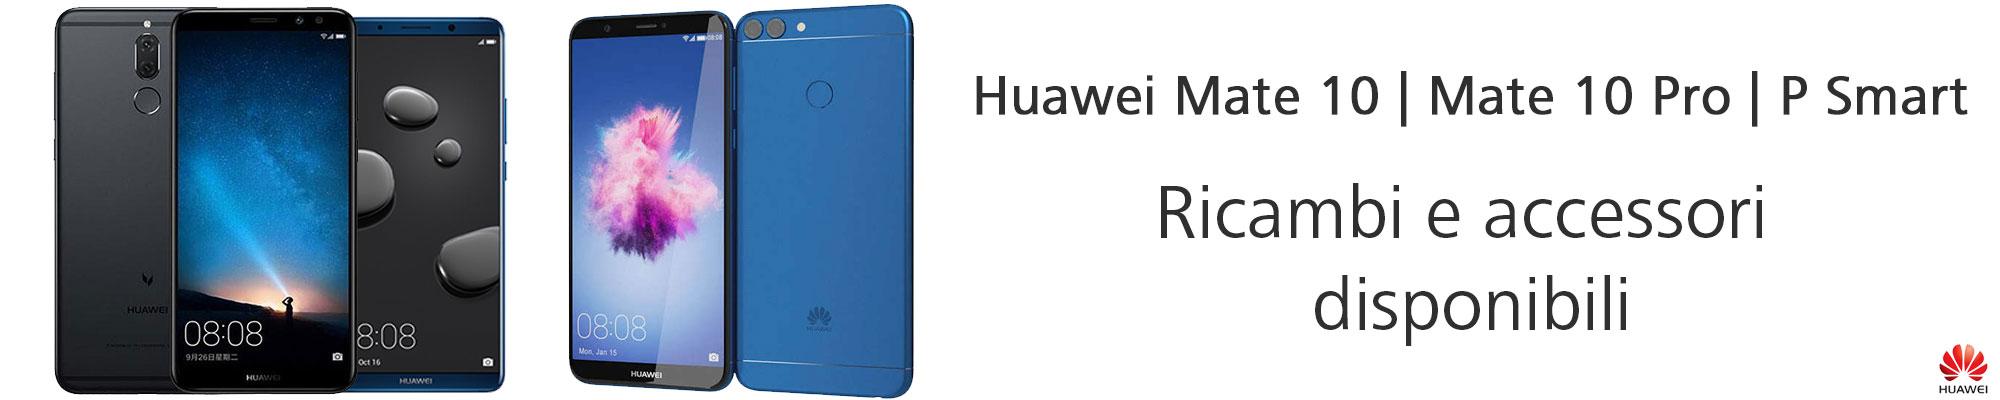 Nuovi pezzi di ricambio e accessori disponibili Huawei Mate 10, Mate 10 Pro e P Smart